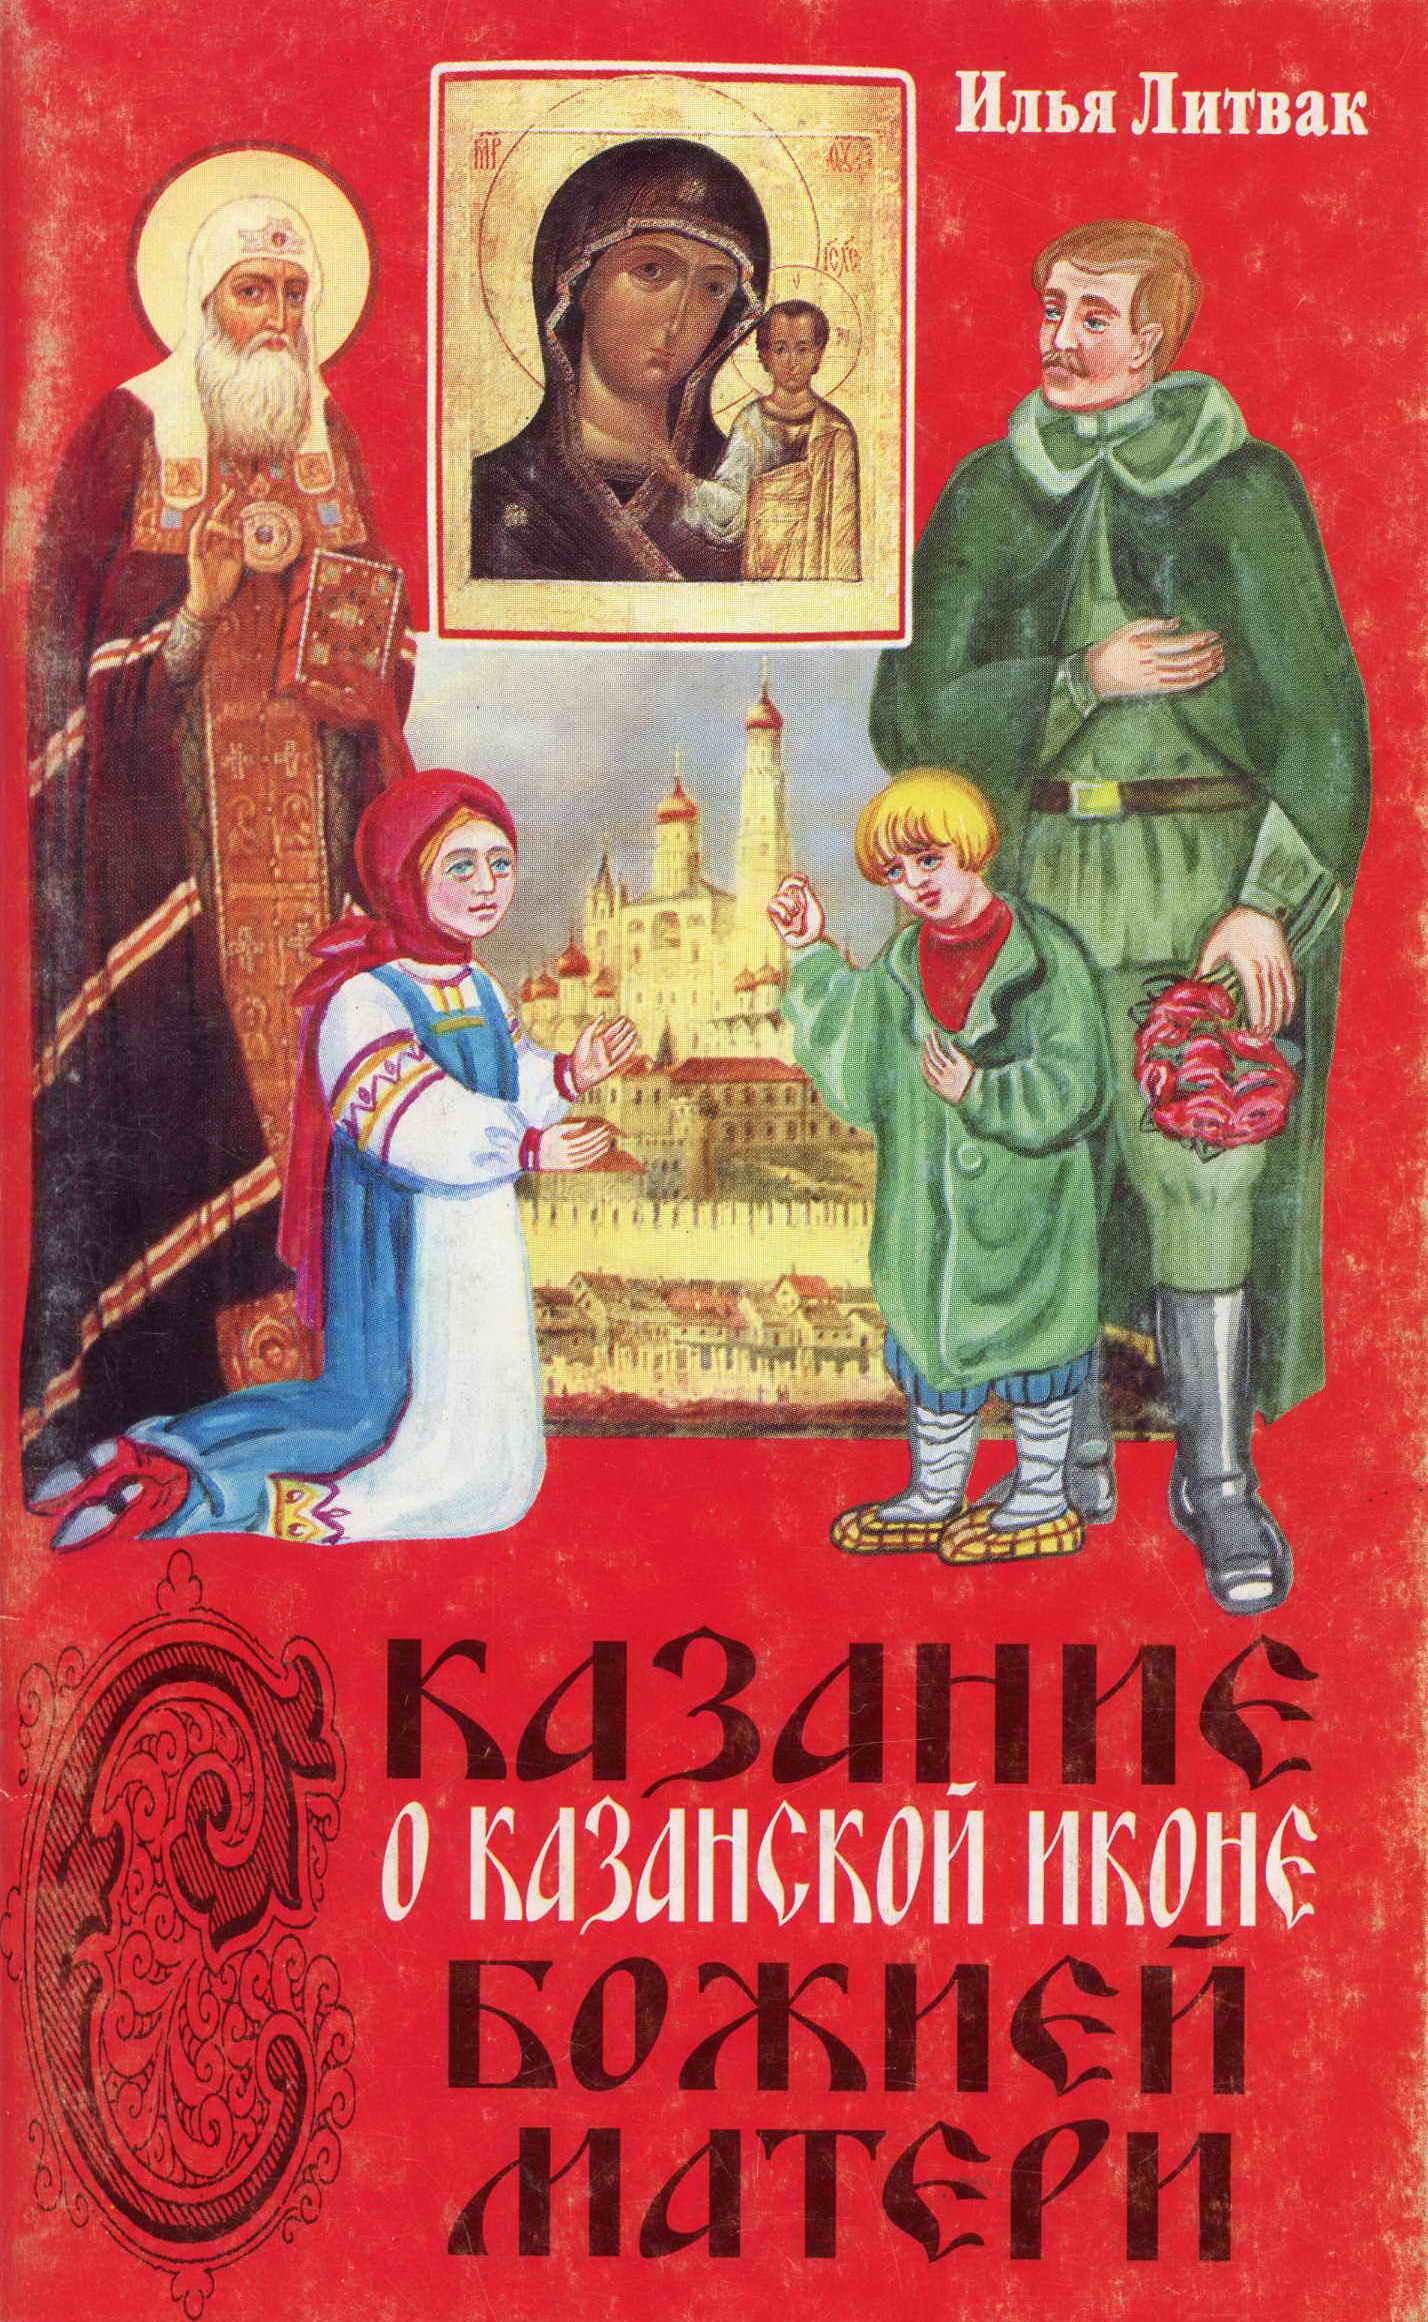 Обложка книги Сказание о Казанской иконе Божией Матери, автор Илья Литвак